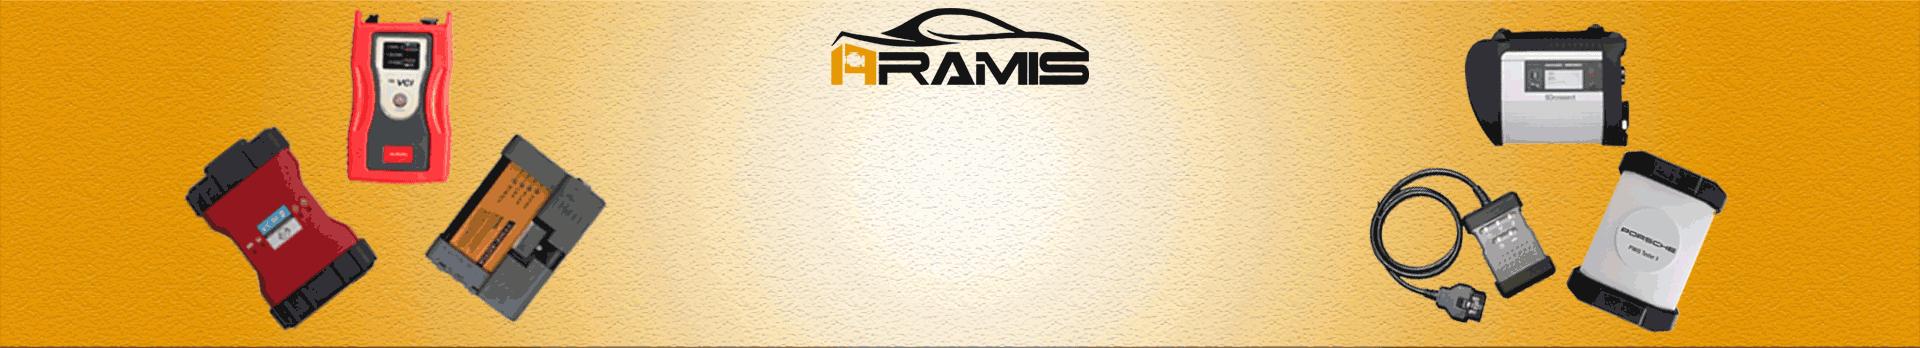 دیاگ سواری | دستگاه دیاگ ماشین خارجی | قیمت عیب یاب خودرو های خارجی | خرید دیاگ ماشین های وارداتی